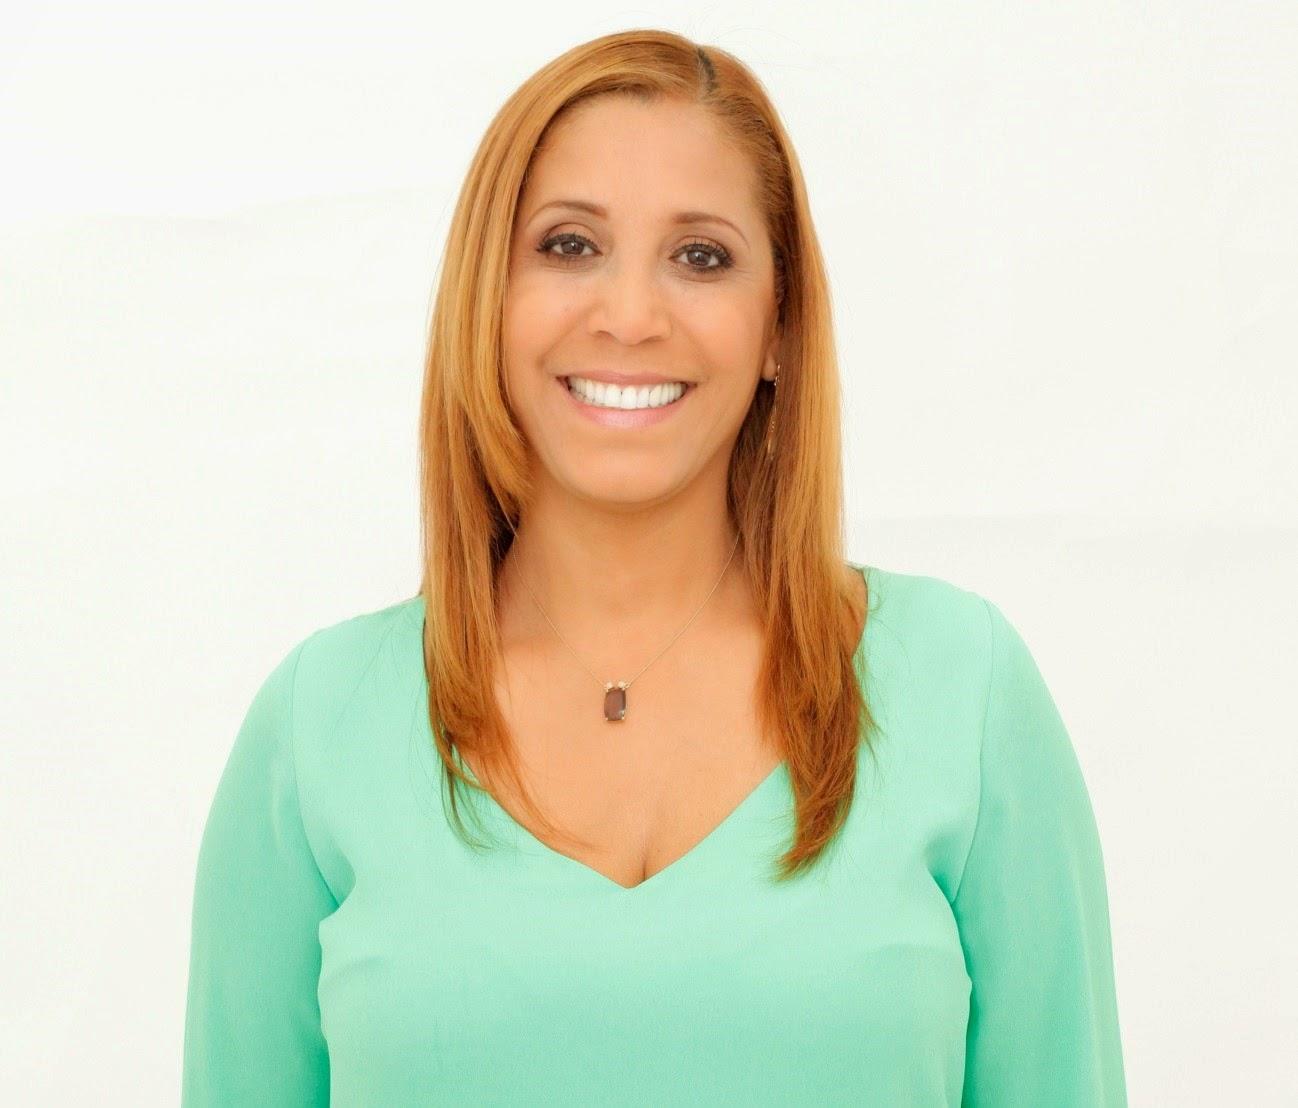 Clélia Gomes